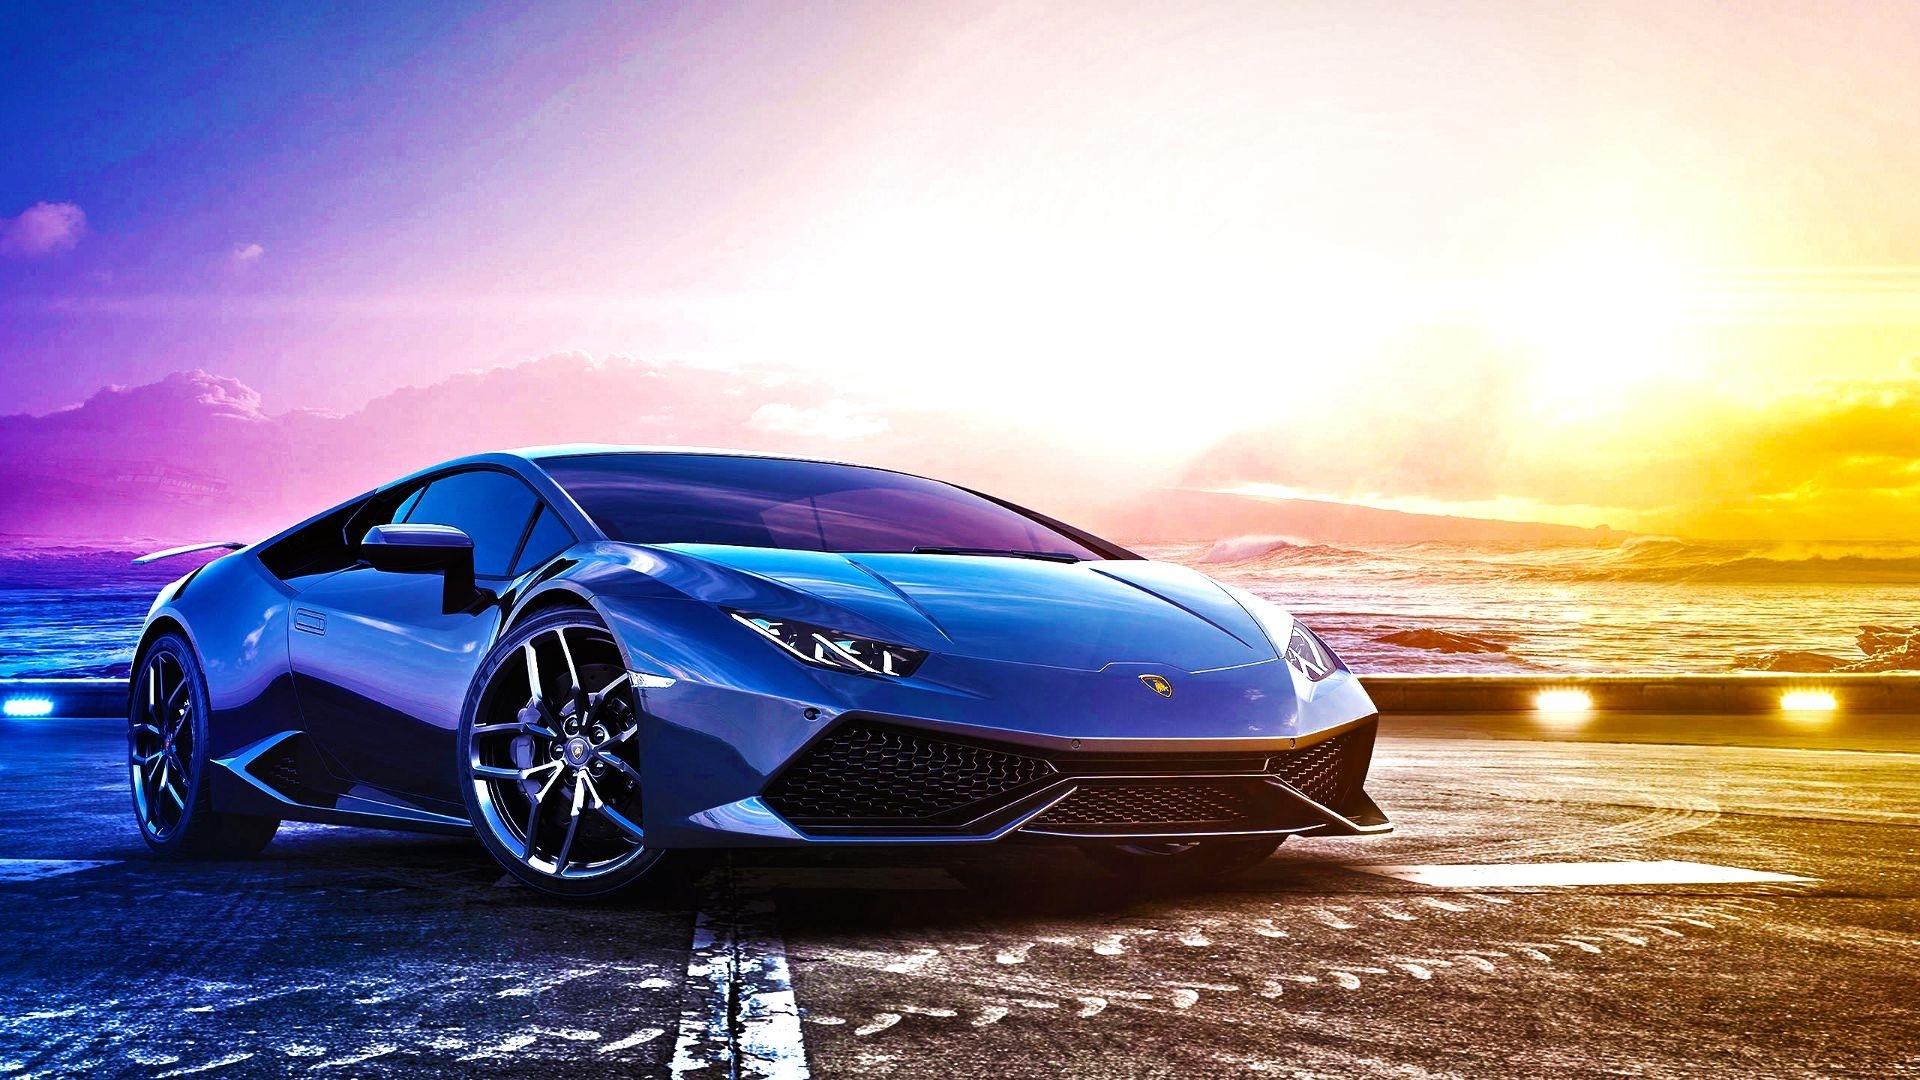 Lamborghini free picture